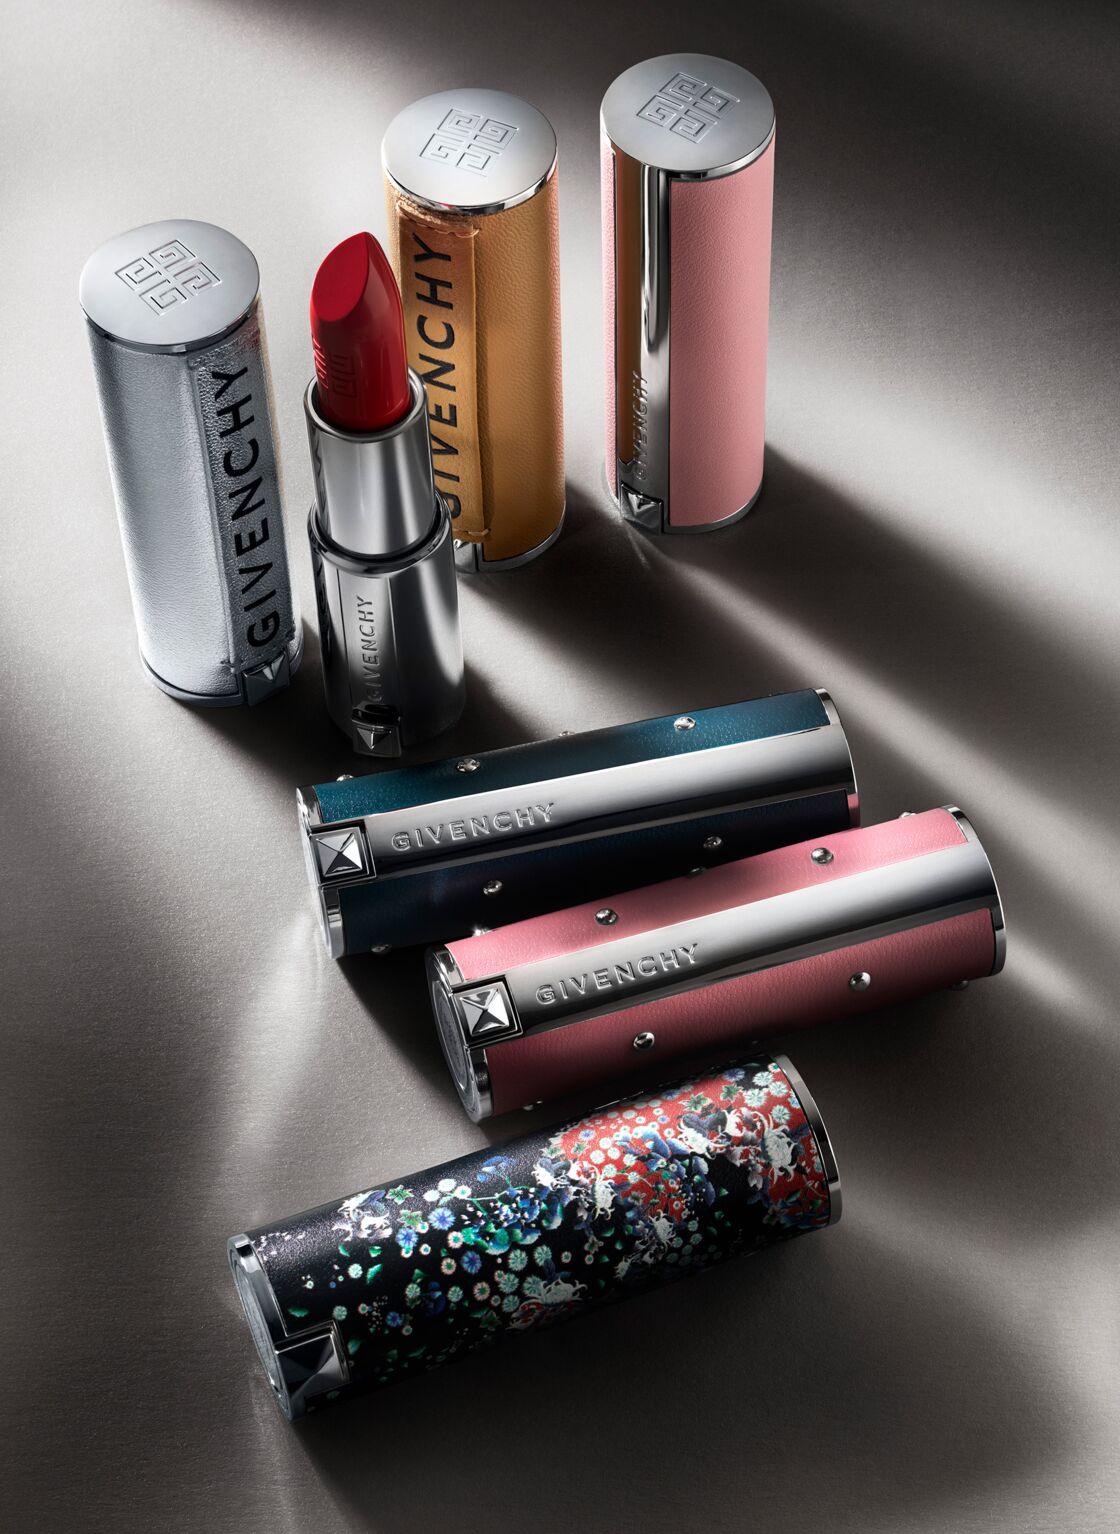 Chez Givenchy, l'emblématique Rouge Deep Velvet se pare de huit nouvelles teintes qui habillent nos lèvres d'une texture velours mate ultra pigmentée. Tous les rouges de la marque peuvent désormais s'« habiller » de l'un de ces dix fourreaux inédits, au design inspiré des tendances couture du moment. Le Rouge Deep Velvet, 27 €, 15 teintes ; L'Écrin Couture, Givenchy, 14 € chez Sephora.